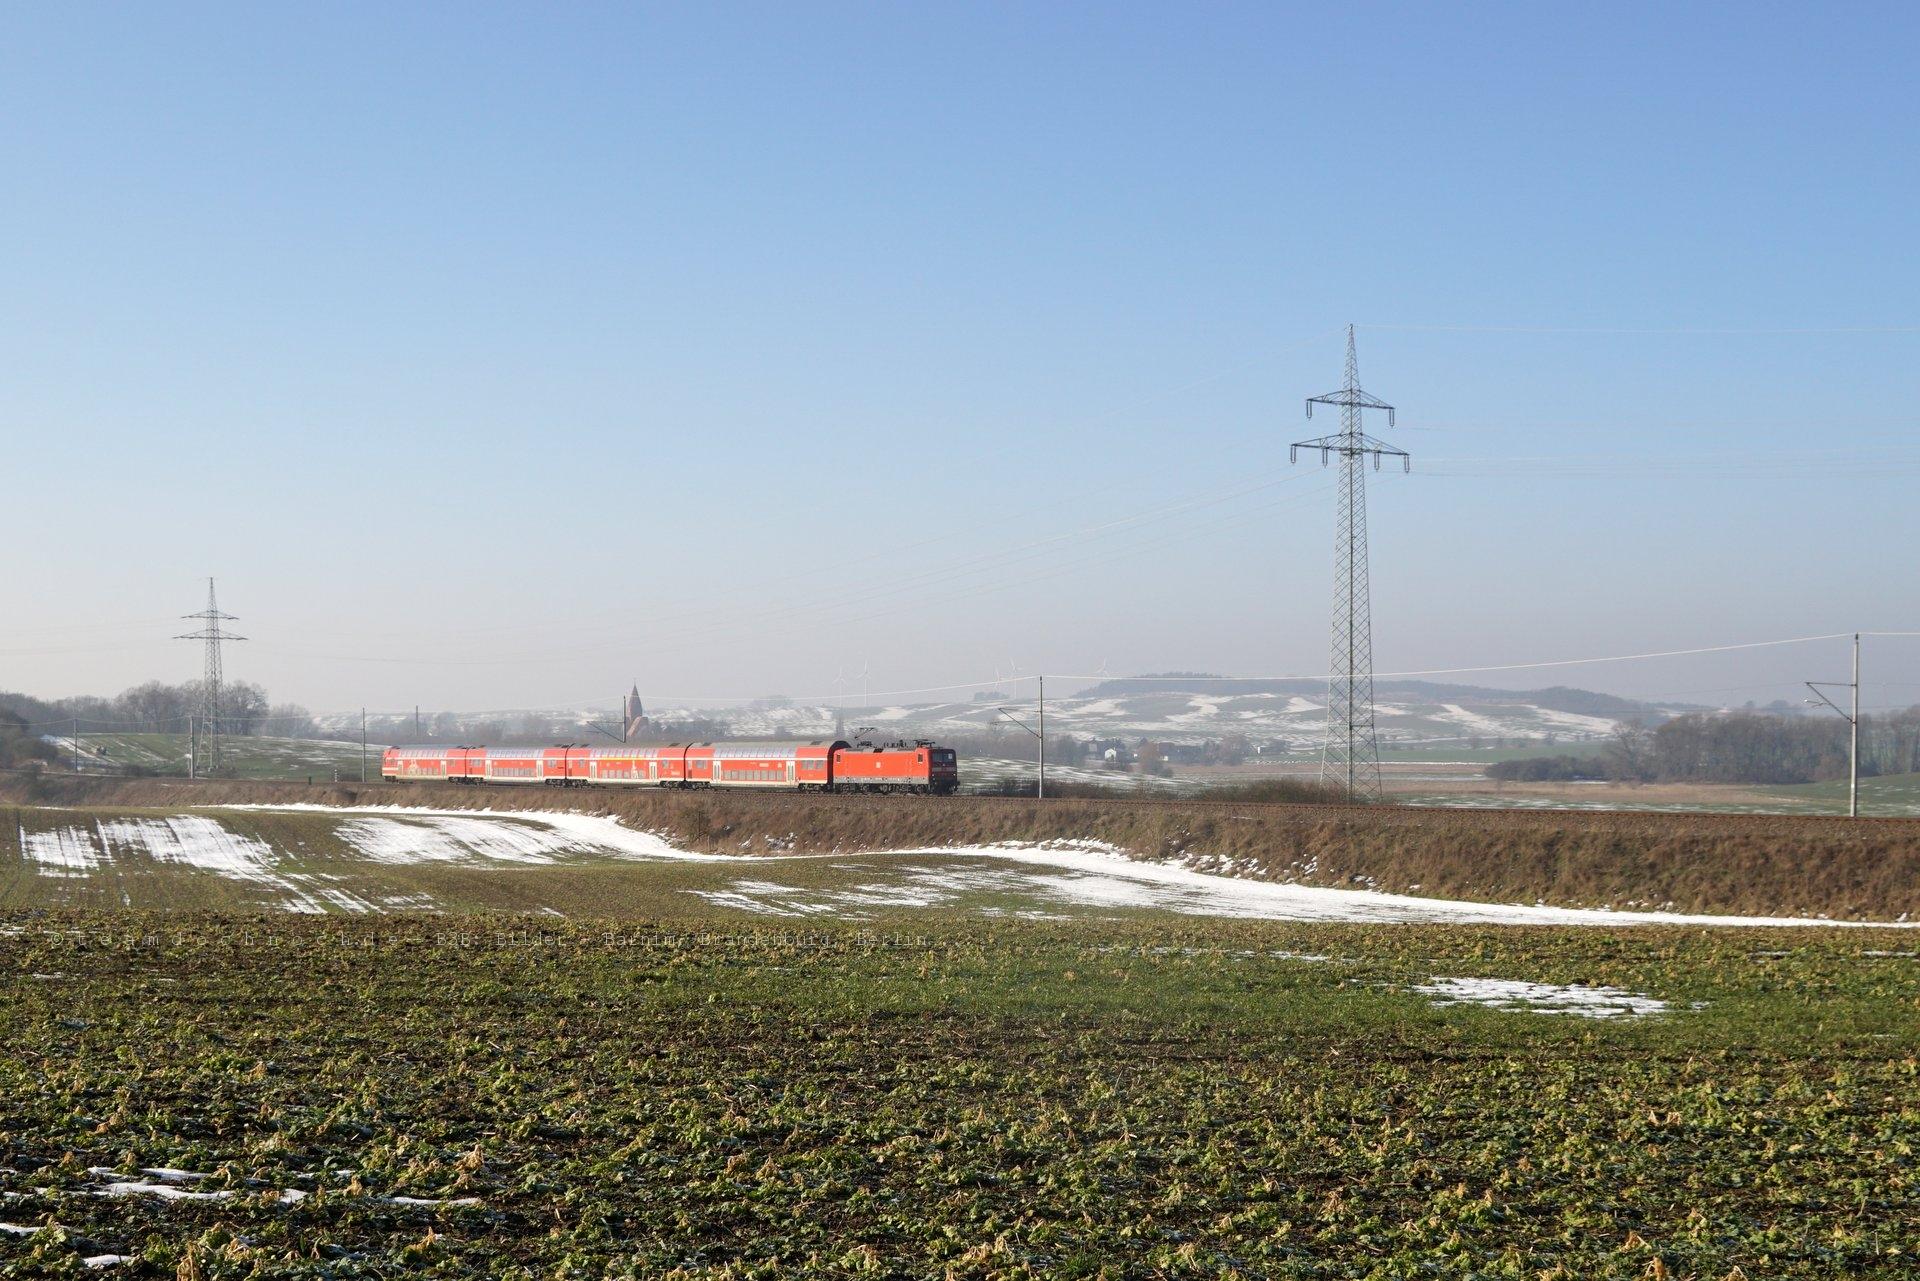 Irgendwo in der Uckermark: RE3 nach Schwedt